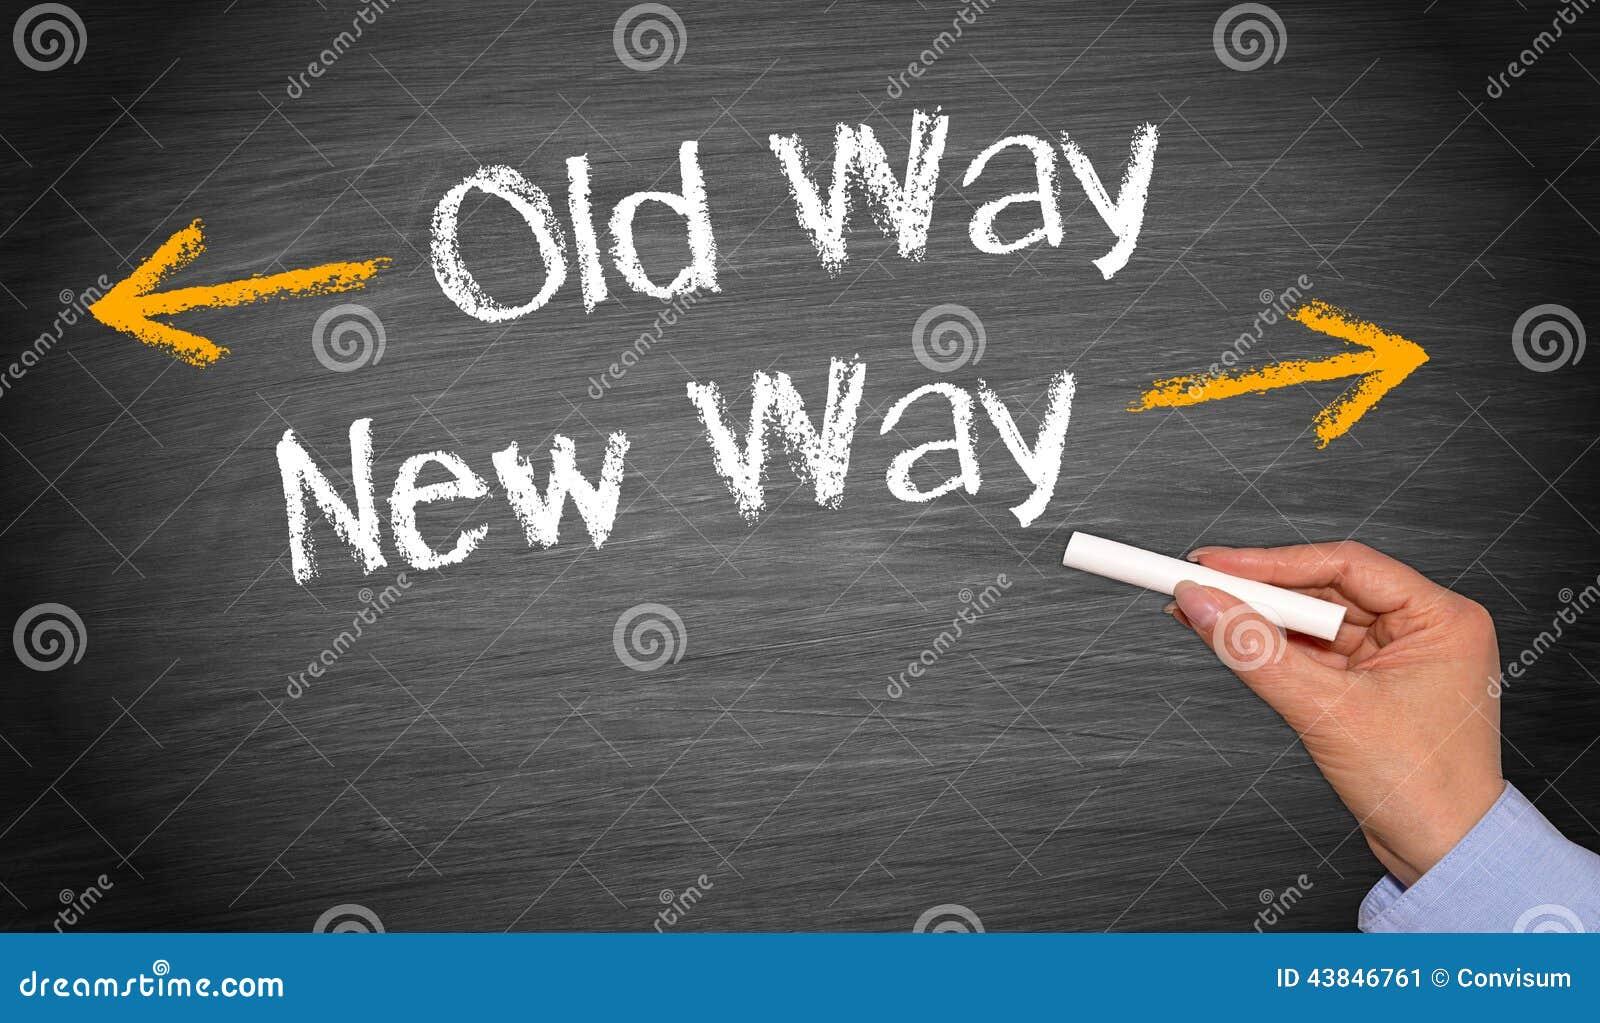 Старый путь, новый путь